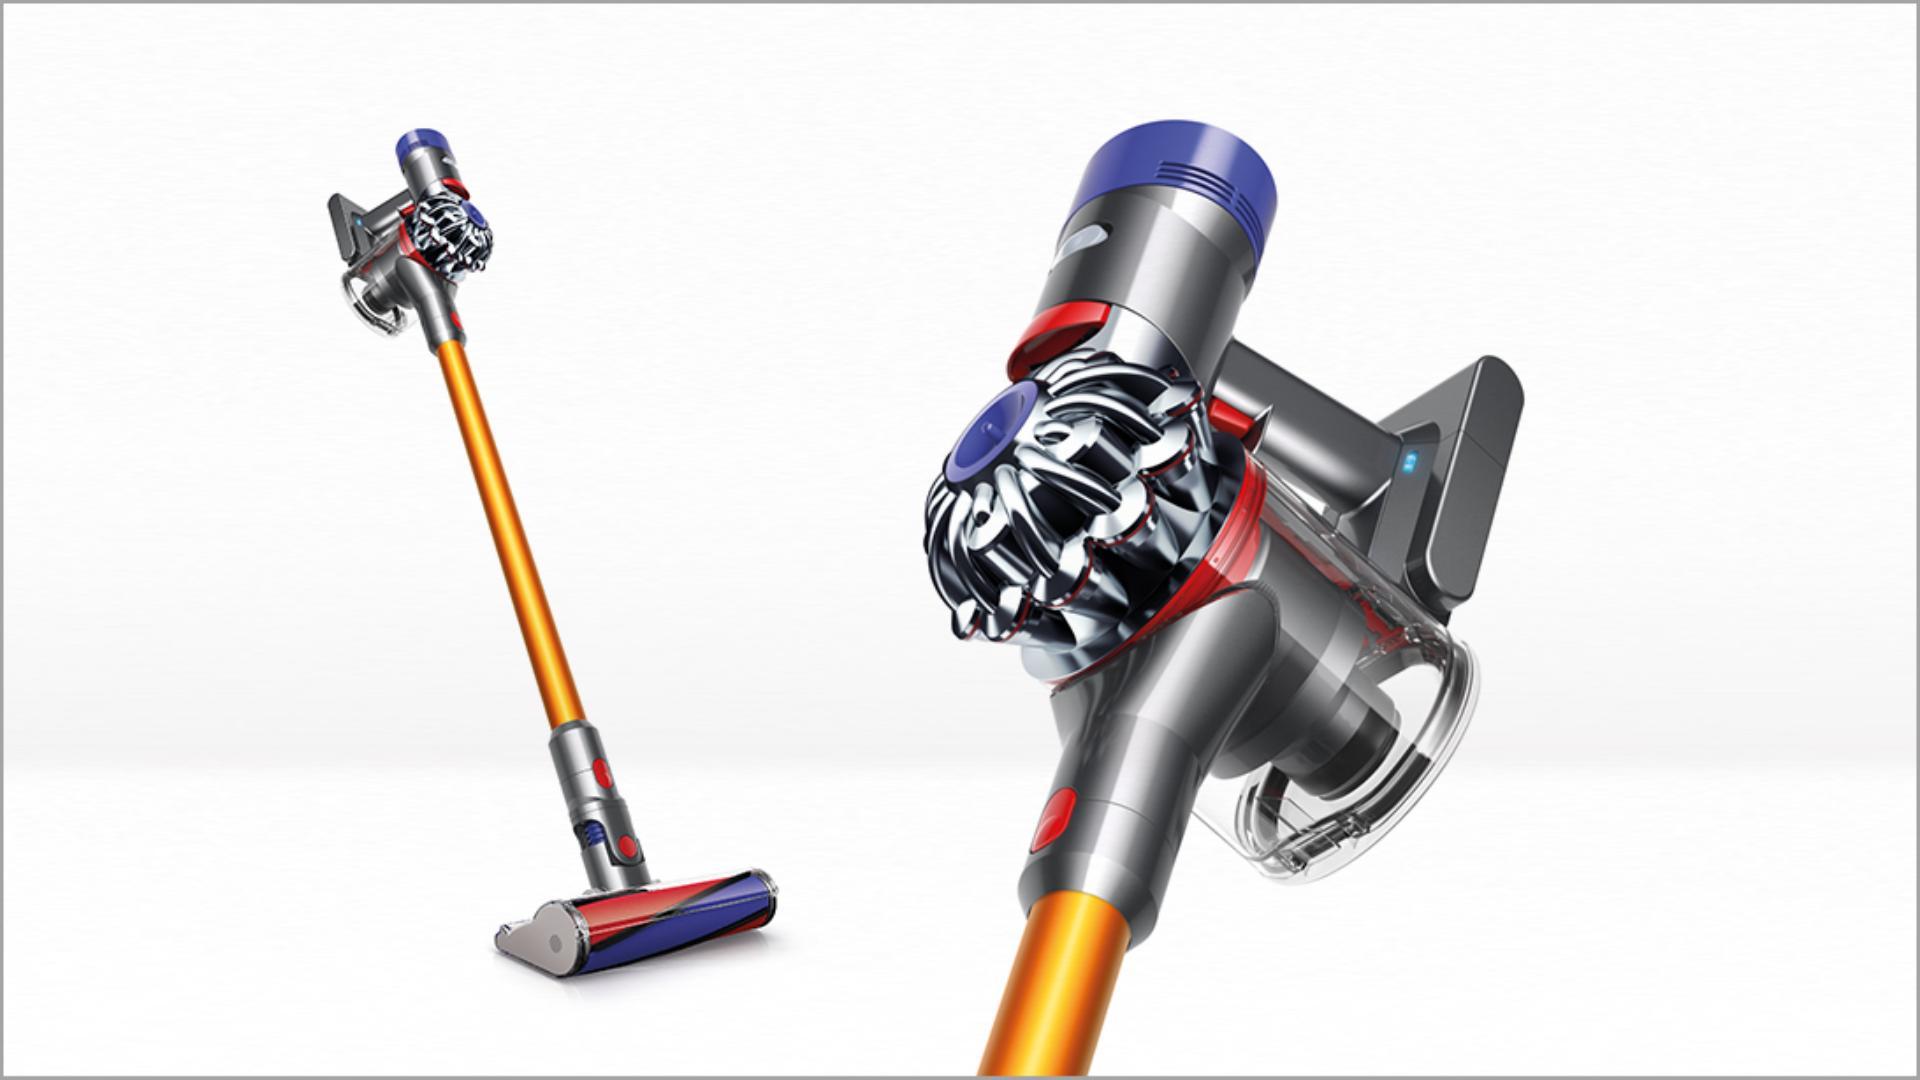 Dyson V8™ cord-free vacuum